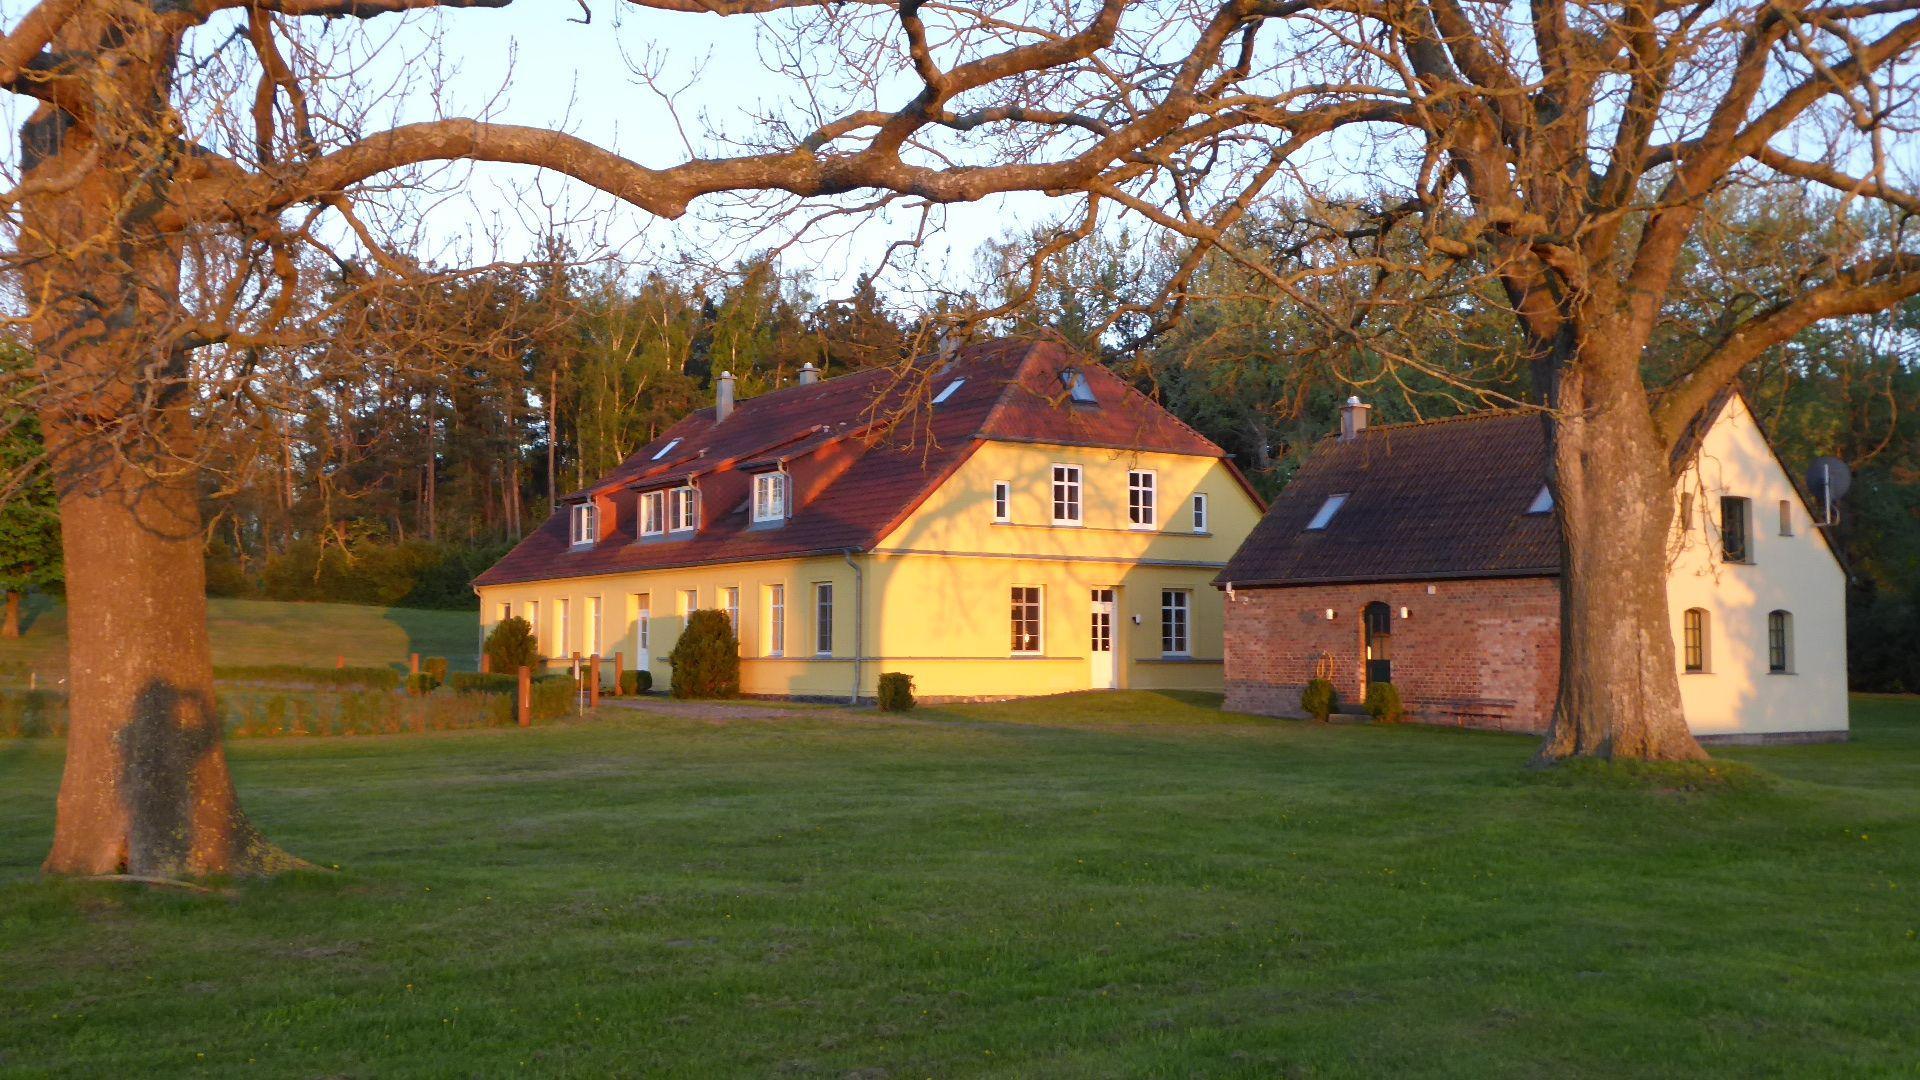 Ferienwohnung für 4 Personen ca. 93 m² i Besondere Immobilie auf Rügen